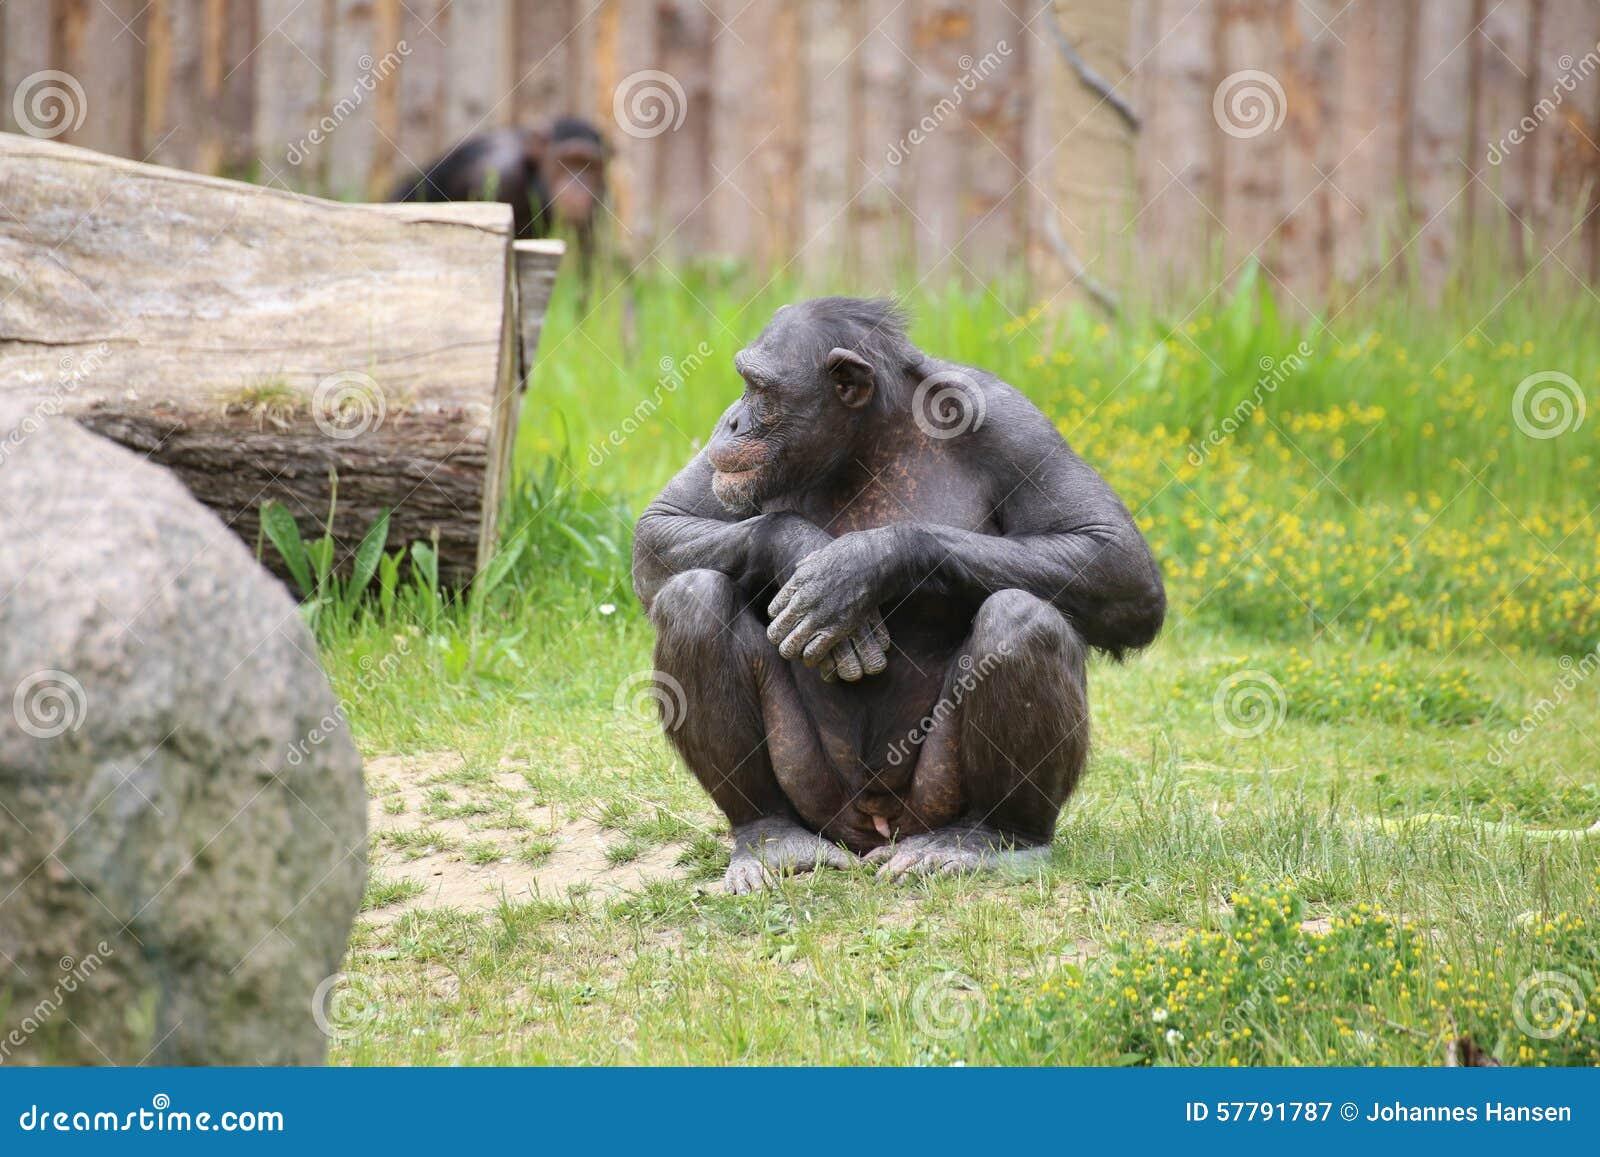 Chimp Images - Photos - Pictures  |Chimp Sitting